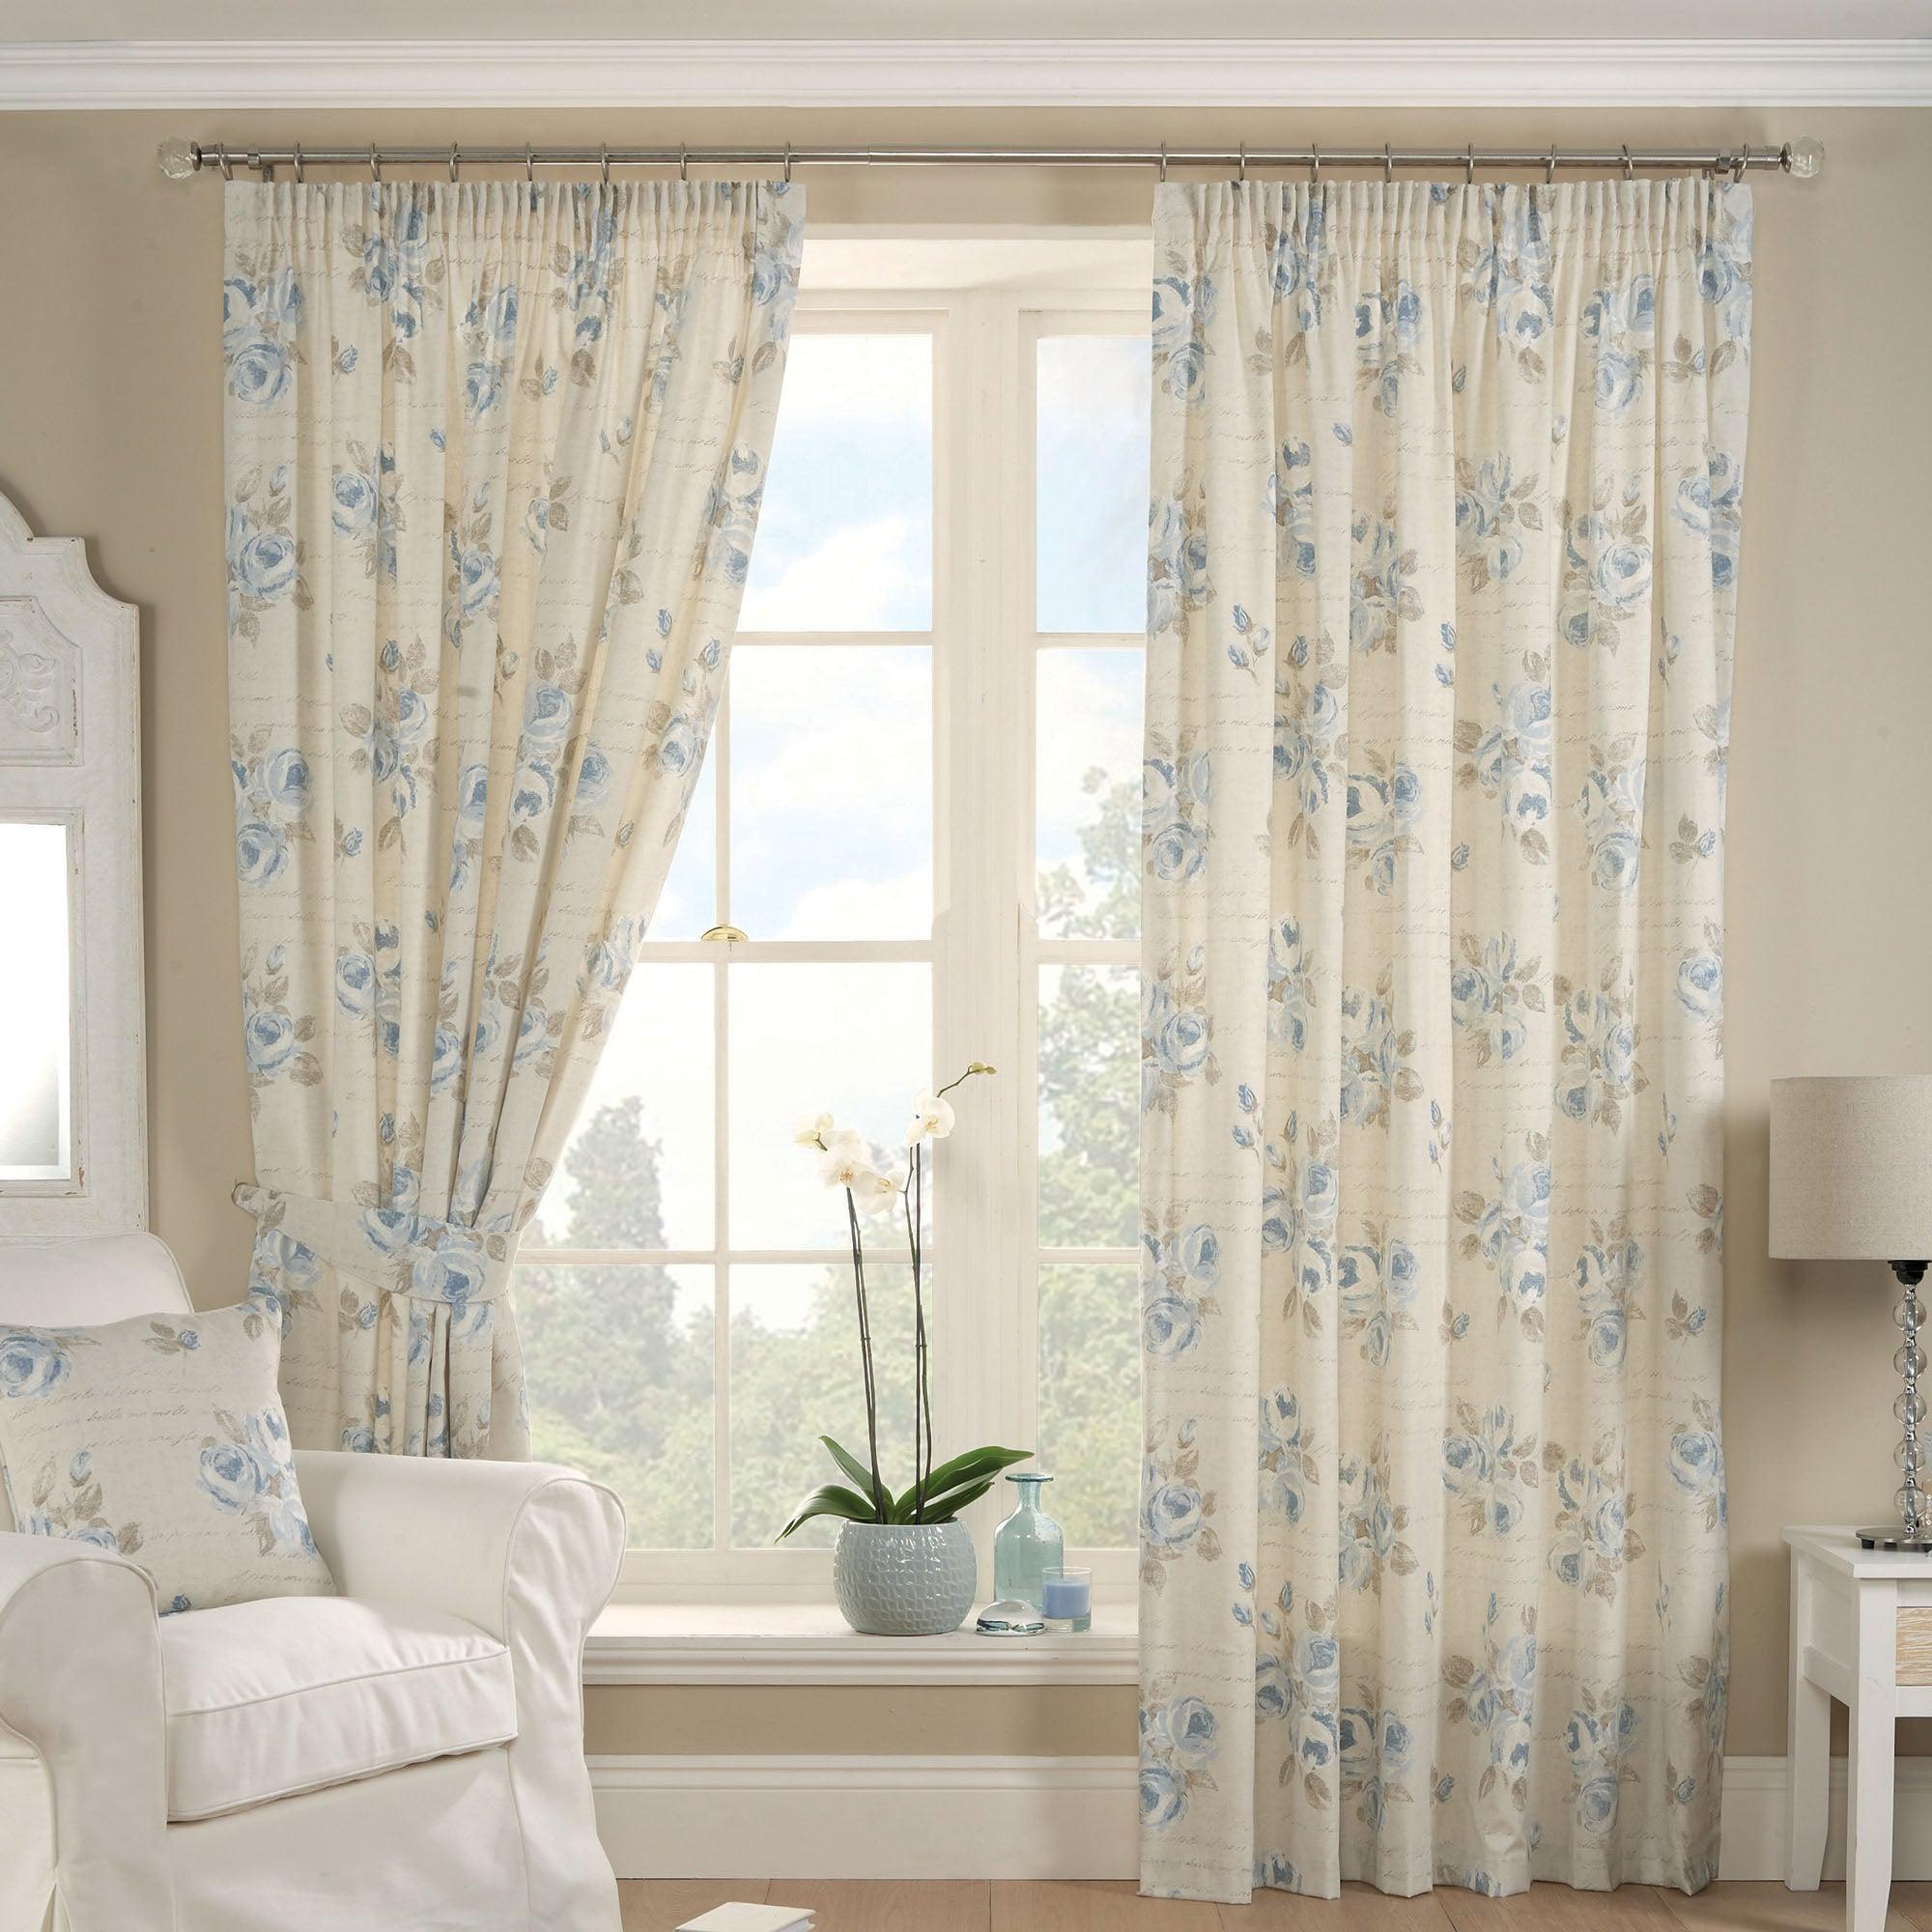 Blue Francesca Lined Pencil Pleat Curtains